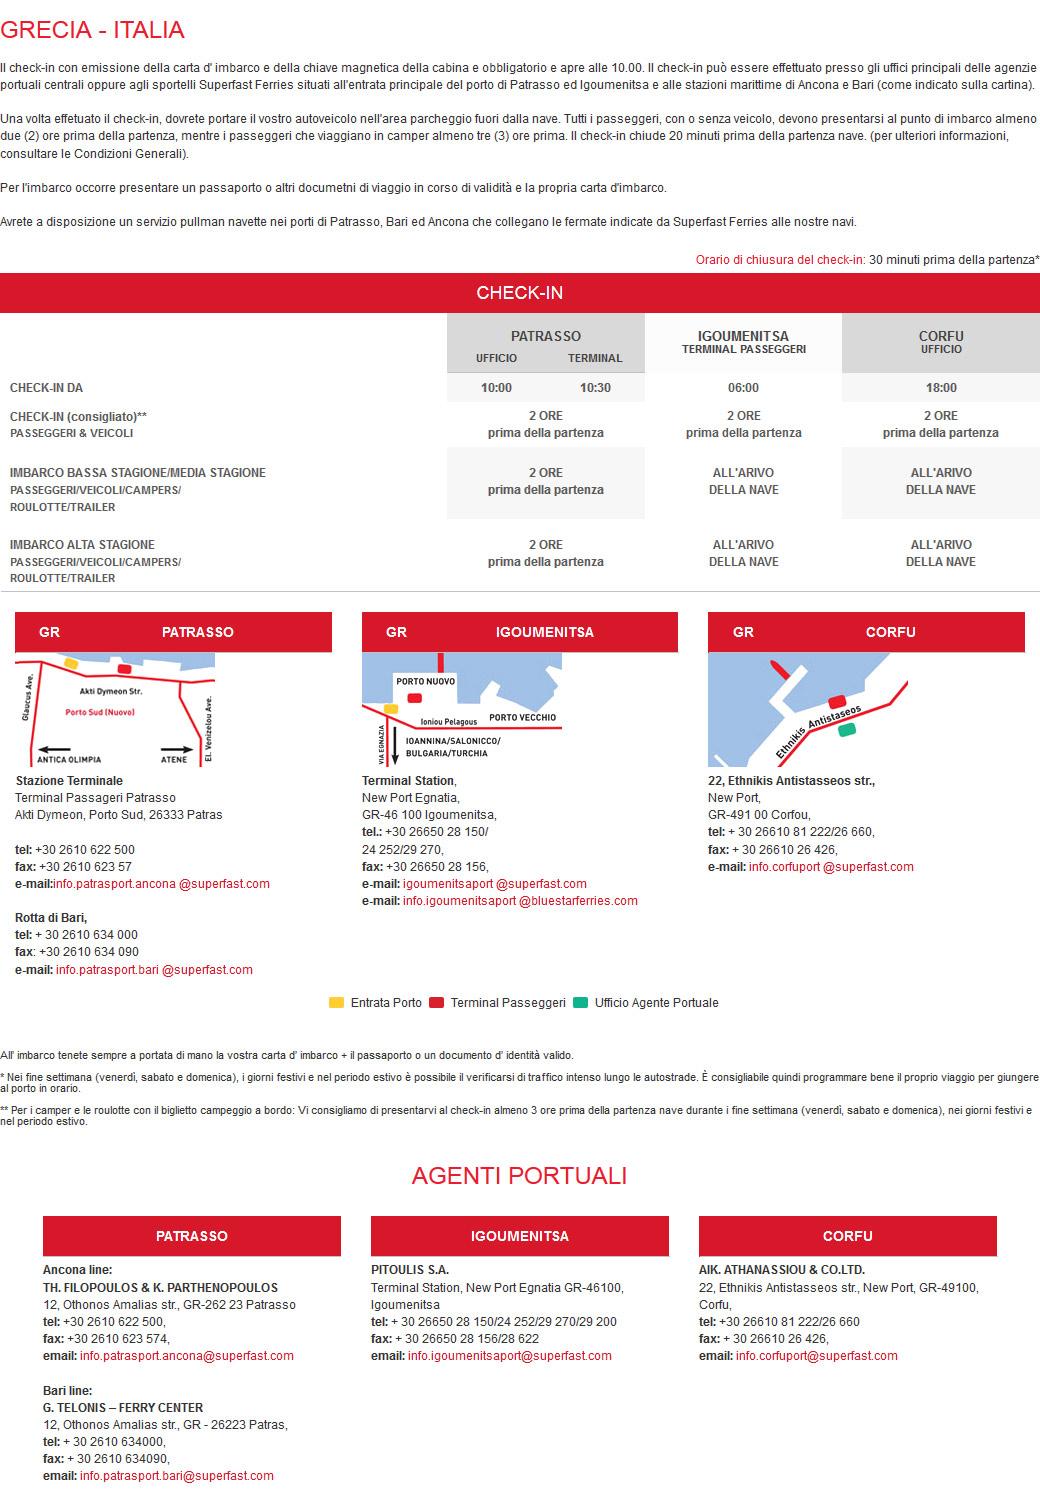 Check-in e Imbarco GRECIA - ITALIA